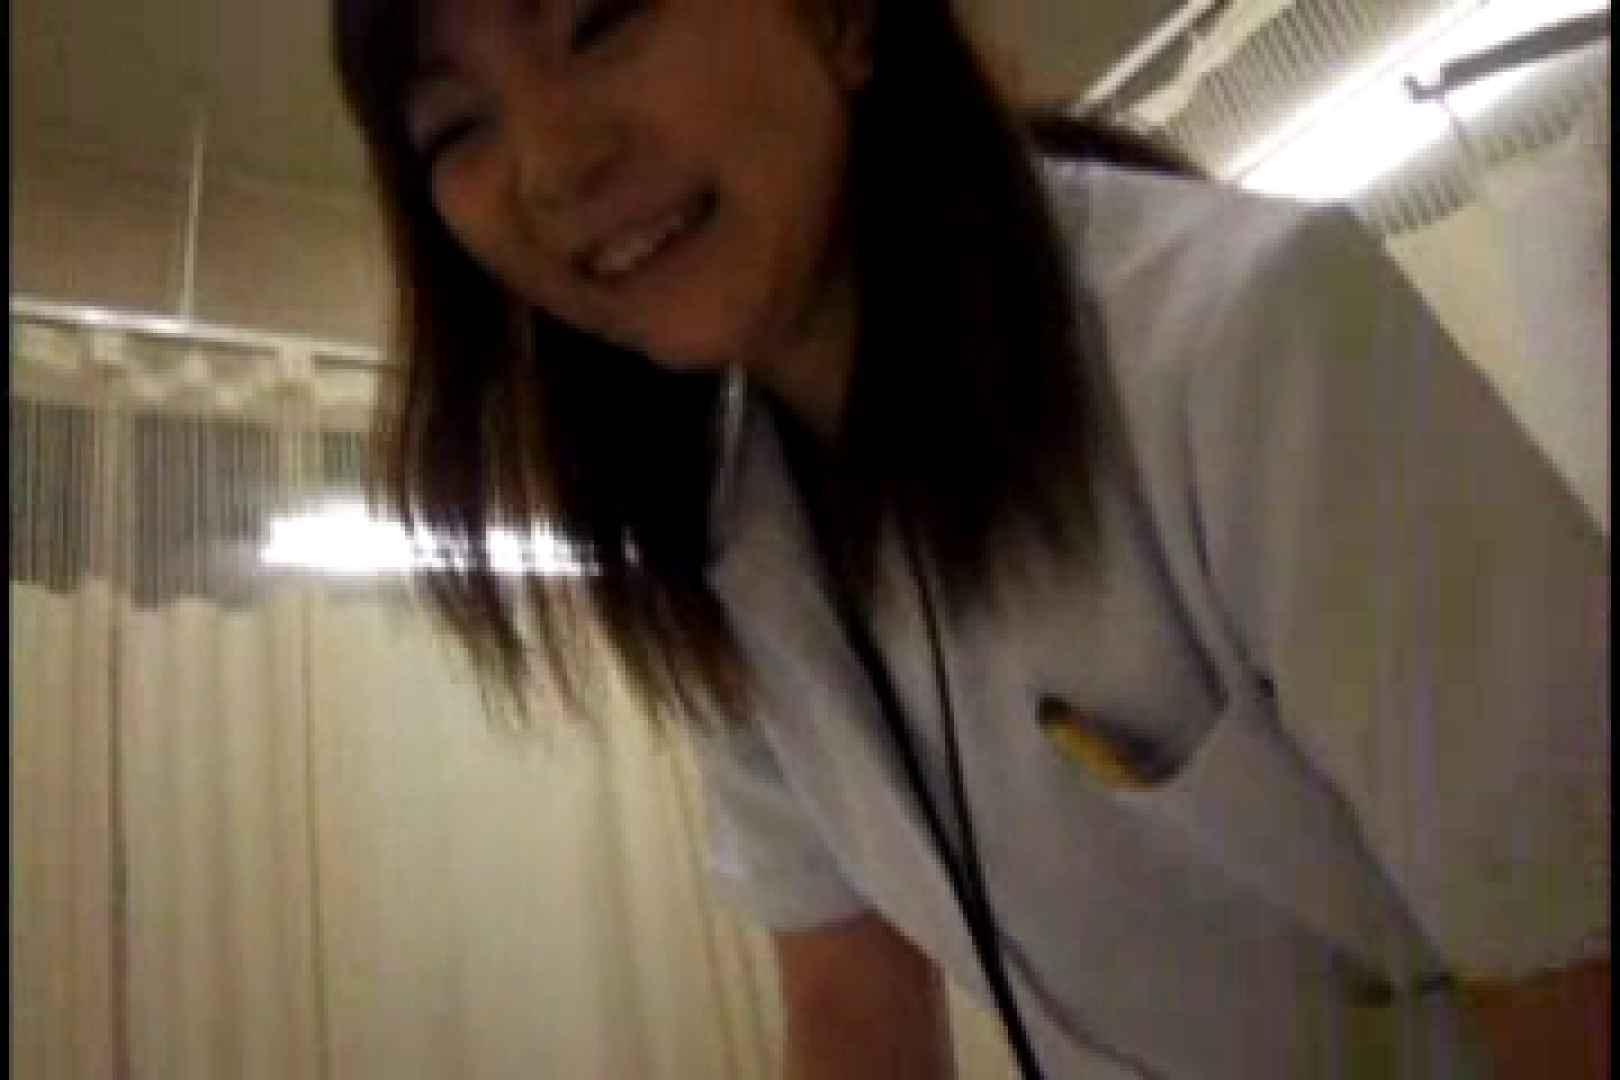 ヤリマンと呼ばれた看護士さんvol1 一般投稿   シックスナイン  93pic 16